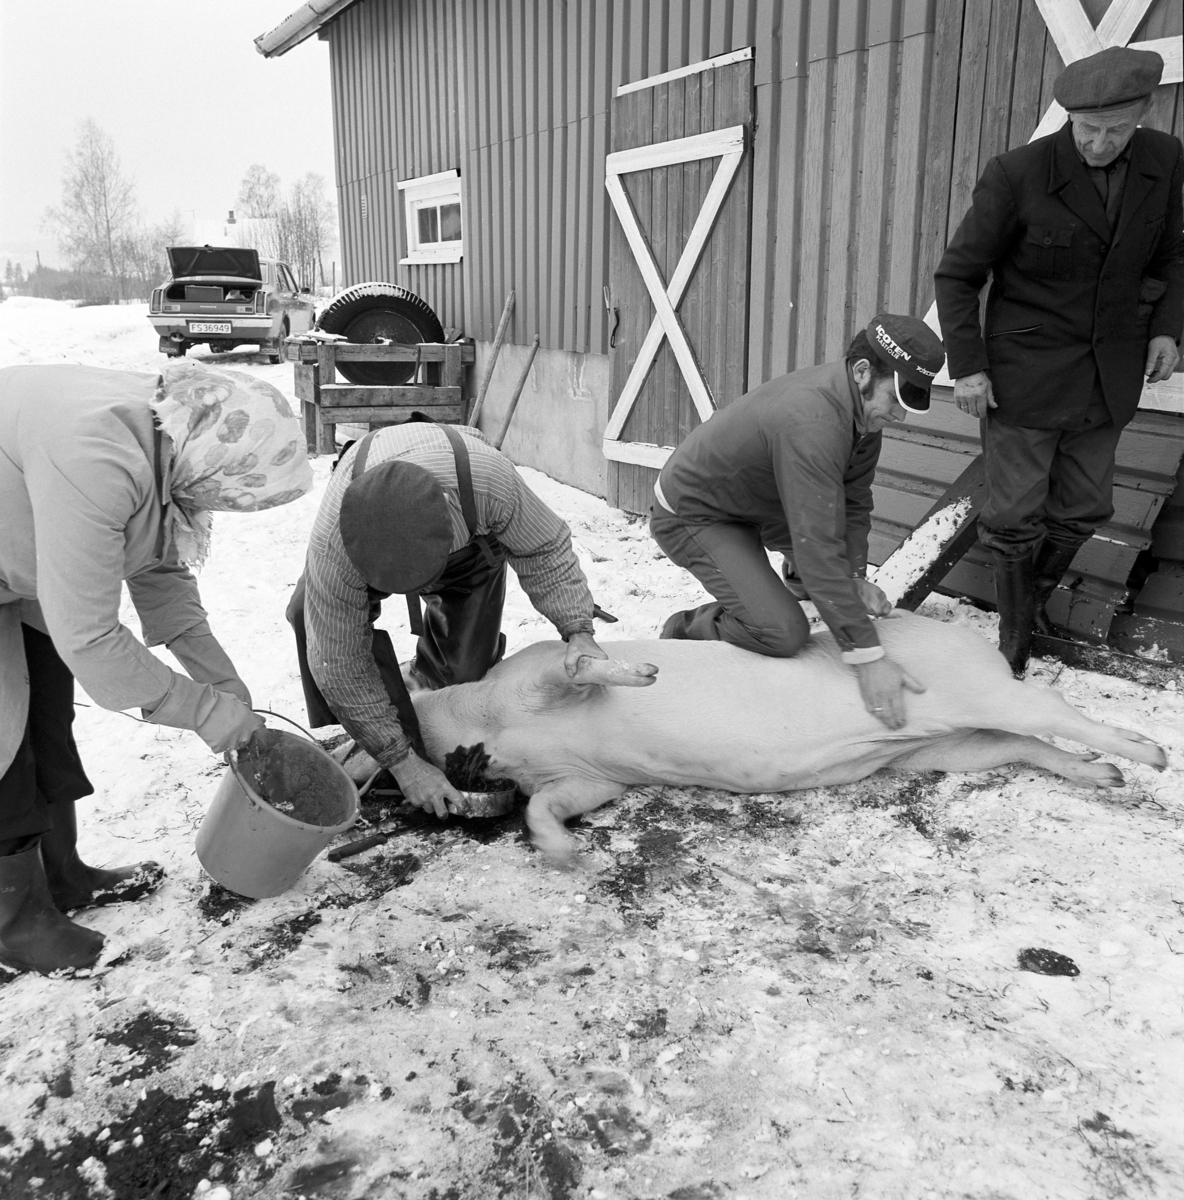 Dokumentasjon av griseslakting i 1977, på Lunde i Gaupen, Ringsaker. Bygdeslakter. Oppsamling av blod. Bygdeslakter Johs. Rosenborg.